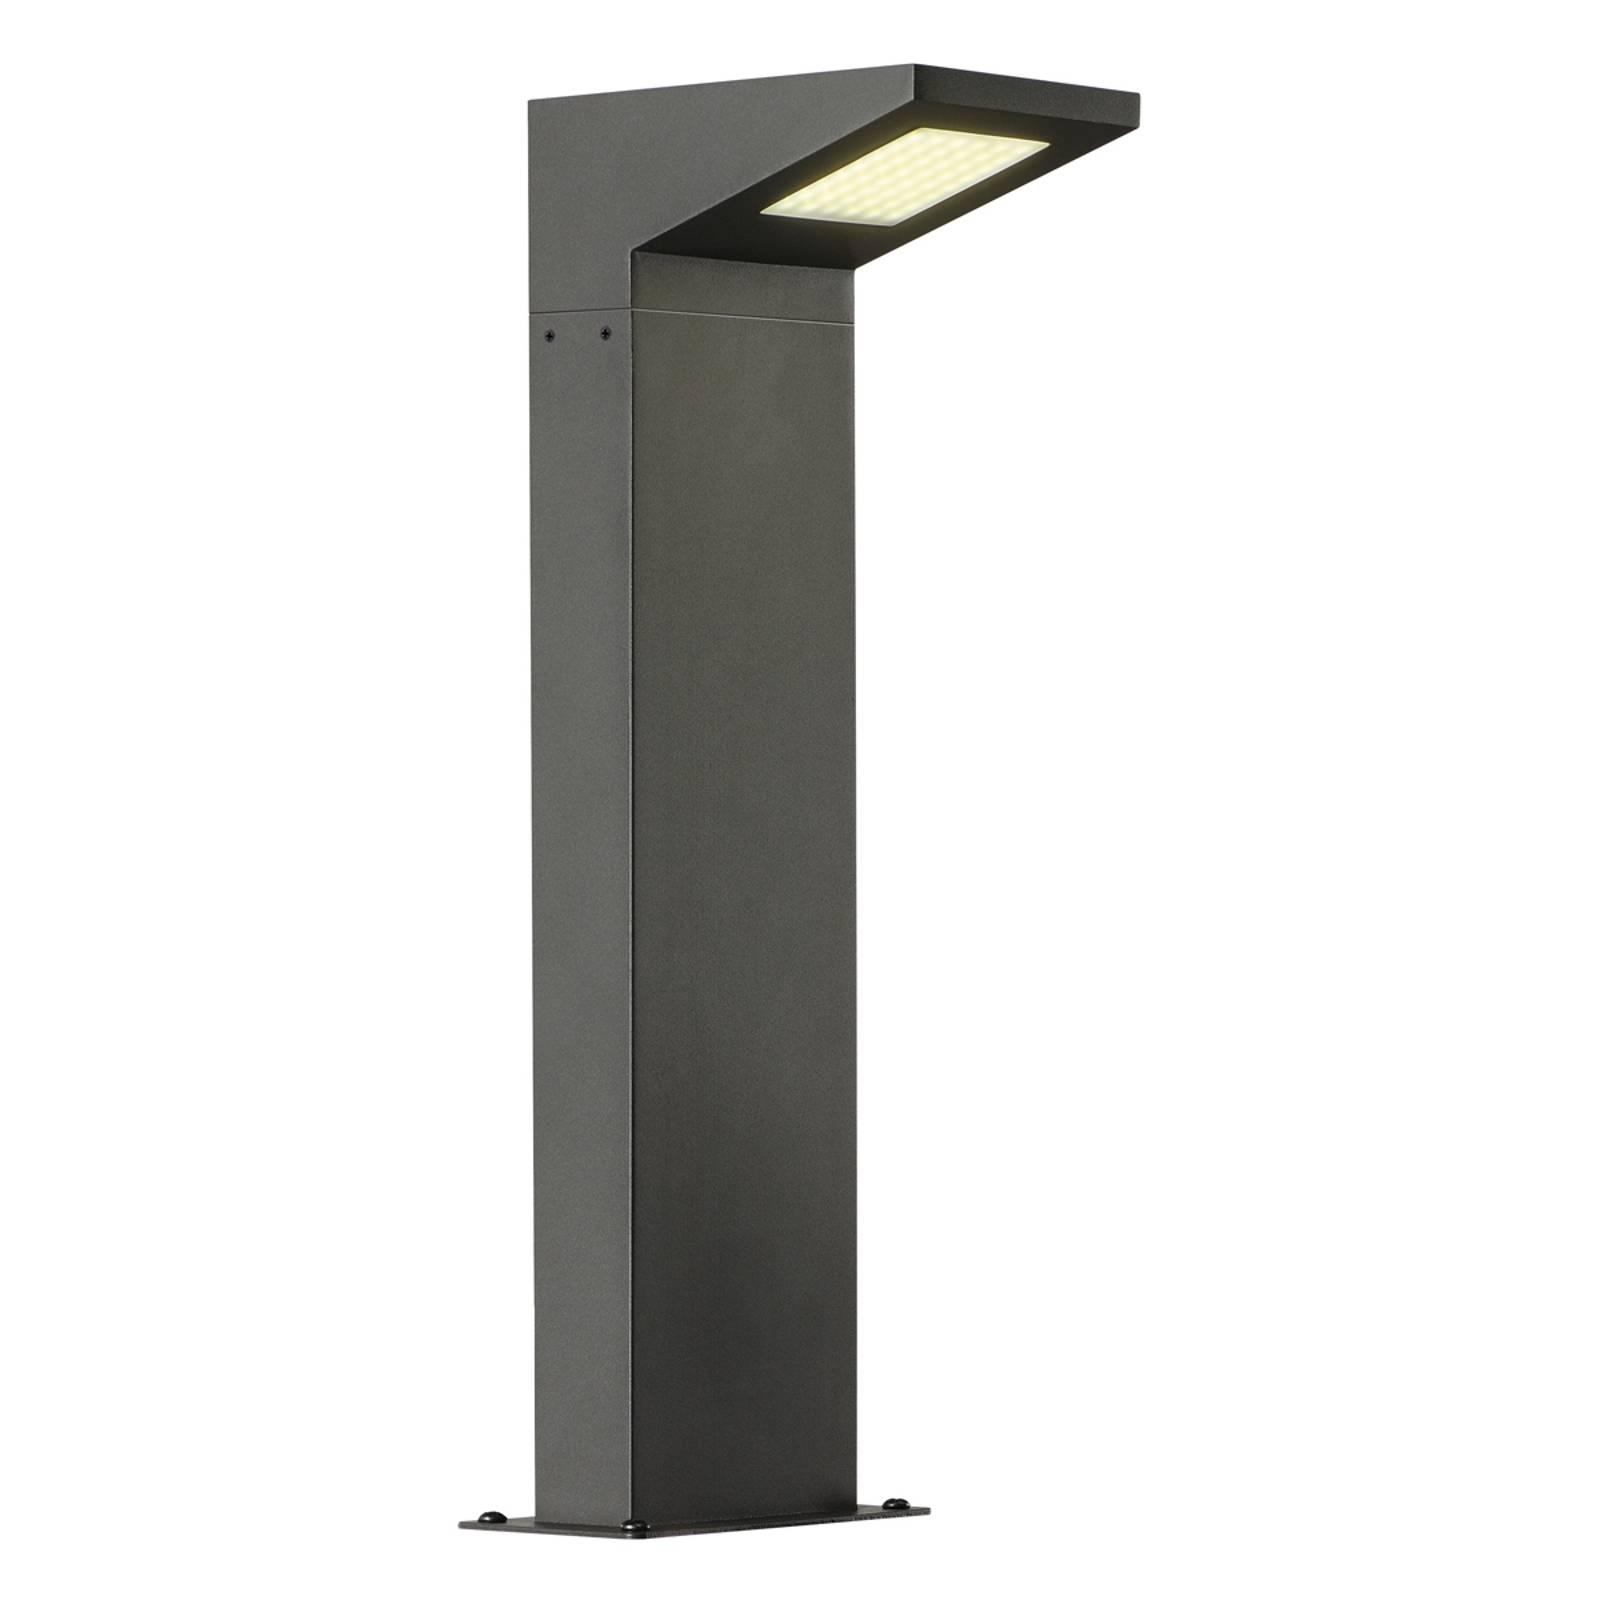 Futuristinen LED-pylväsvalaisin Iperi antrasiitti